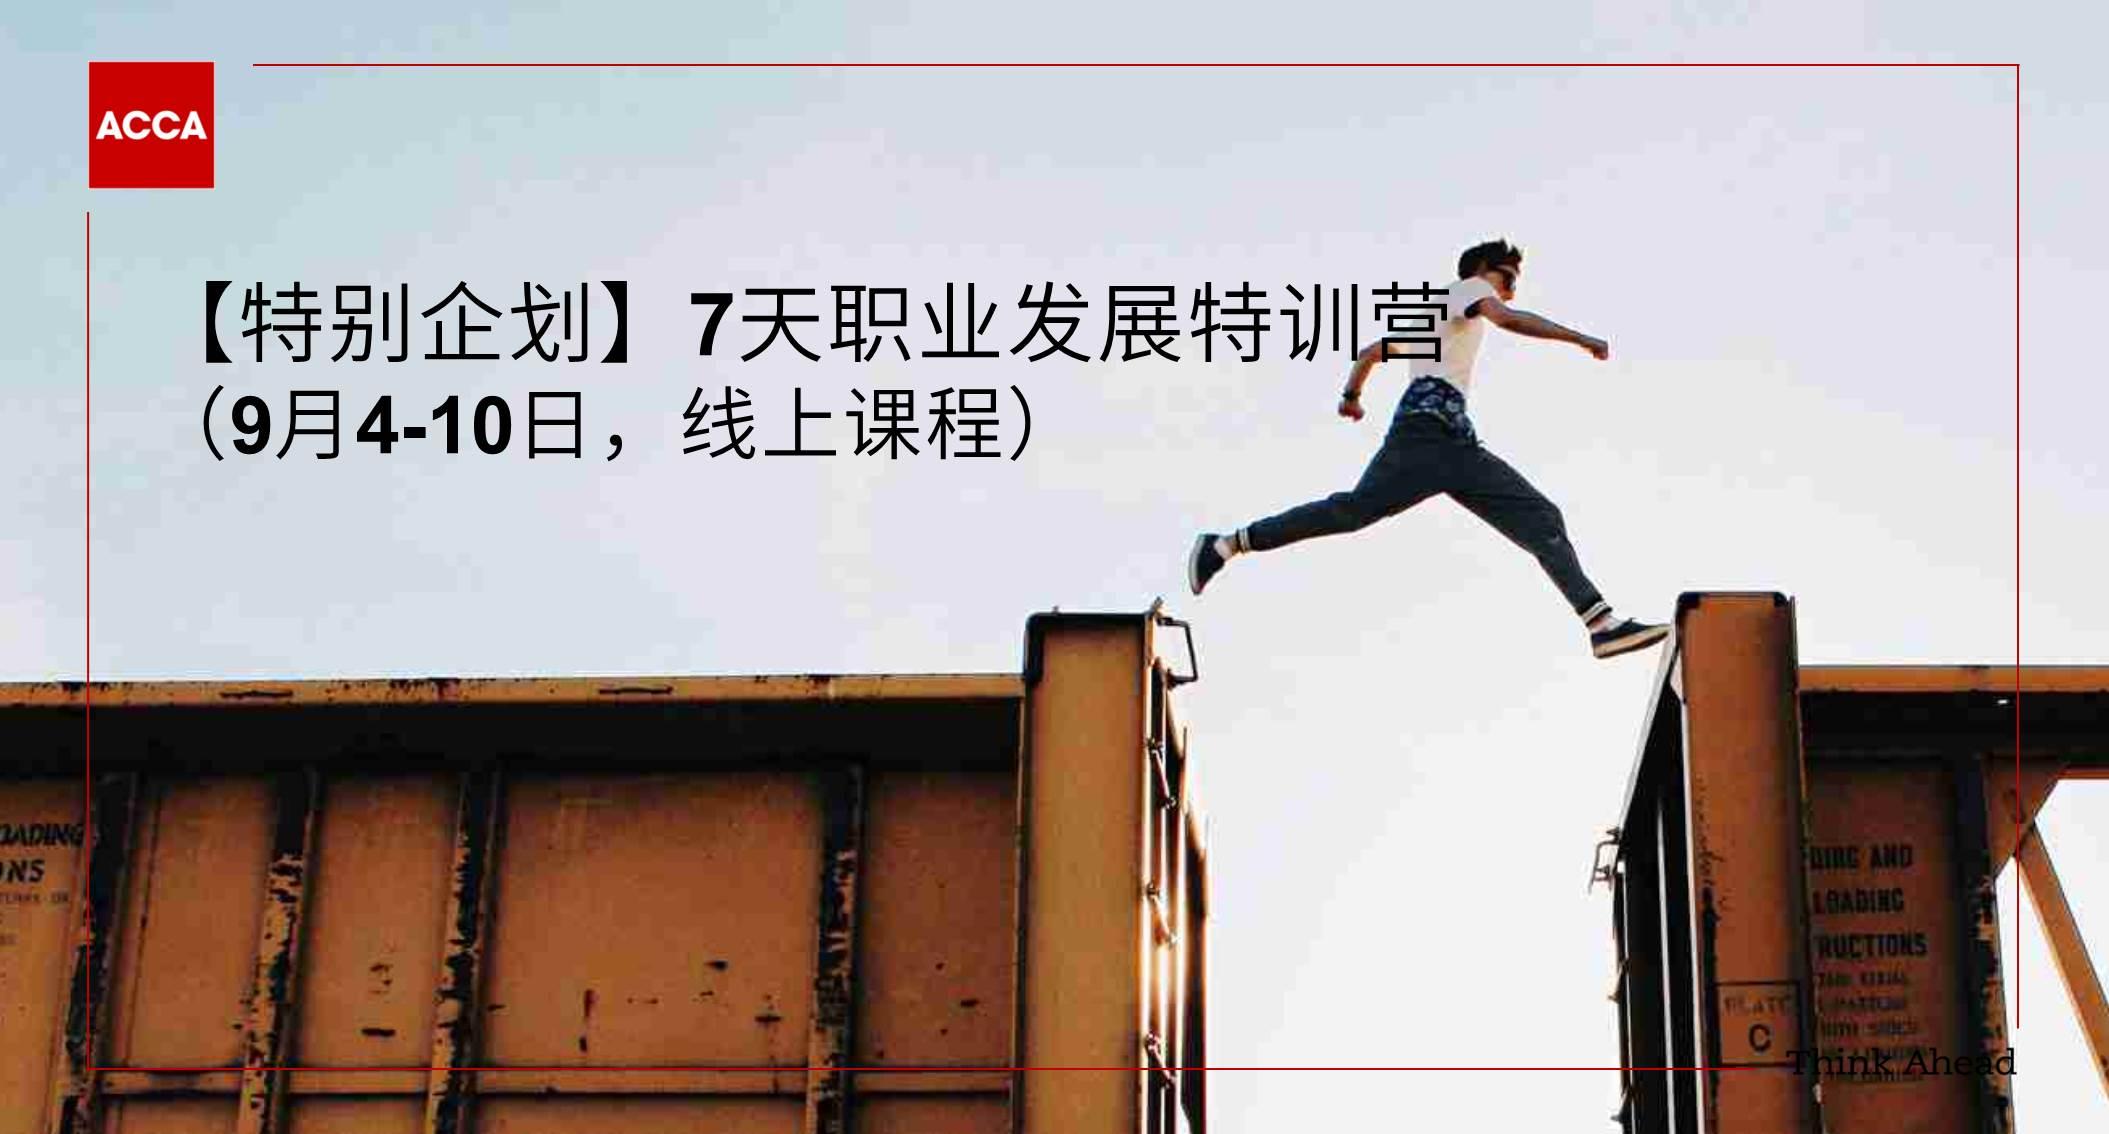 【特别企划】7天职业发展特训营(9月4-10日,线上课程)